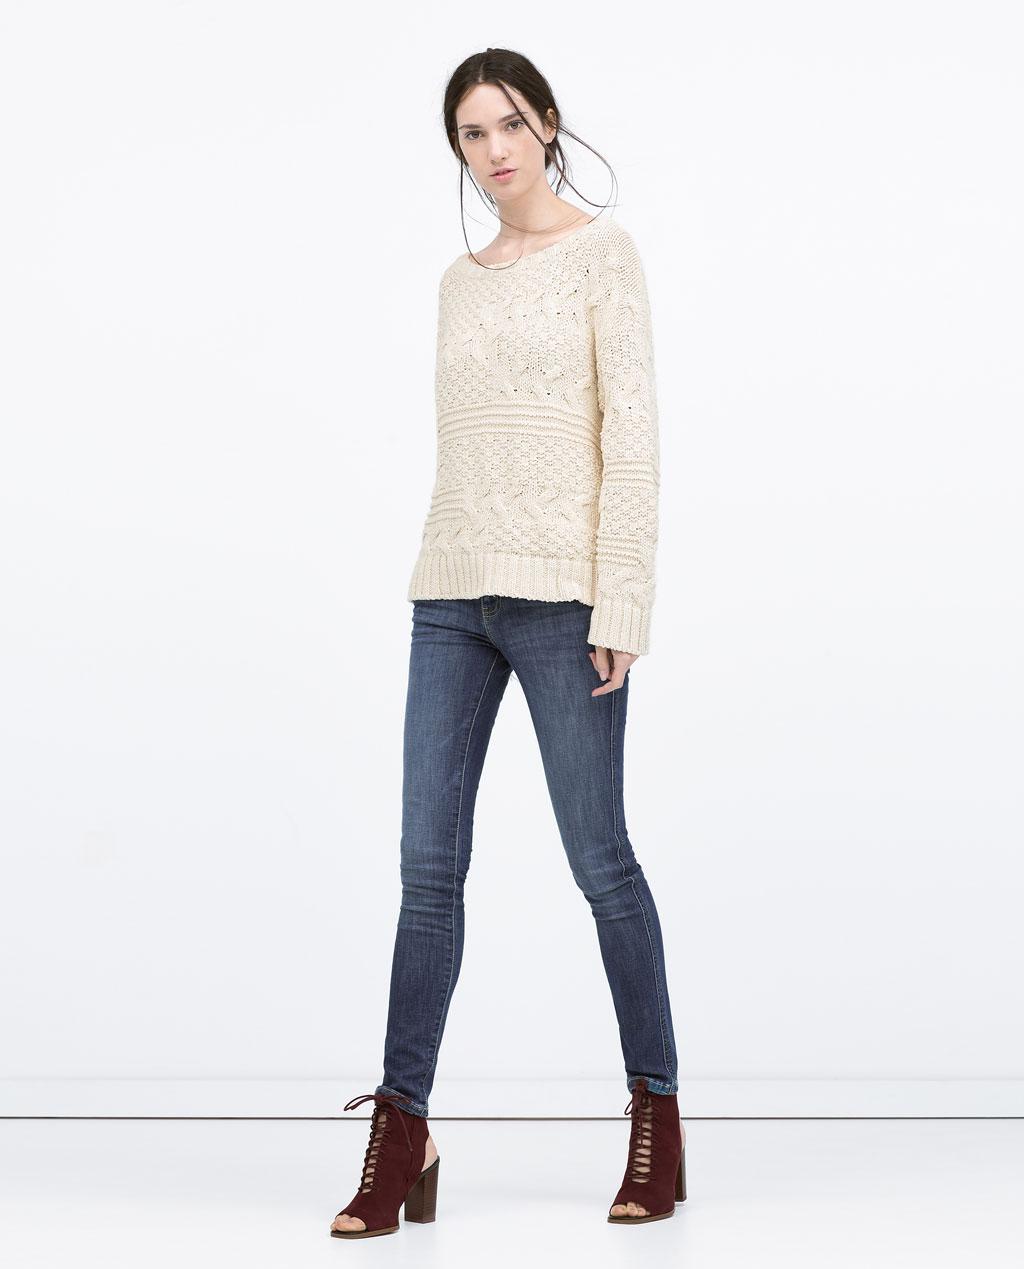 Джинсы_Для статьи о моде